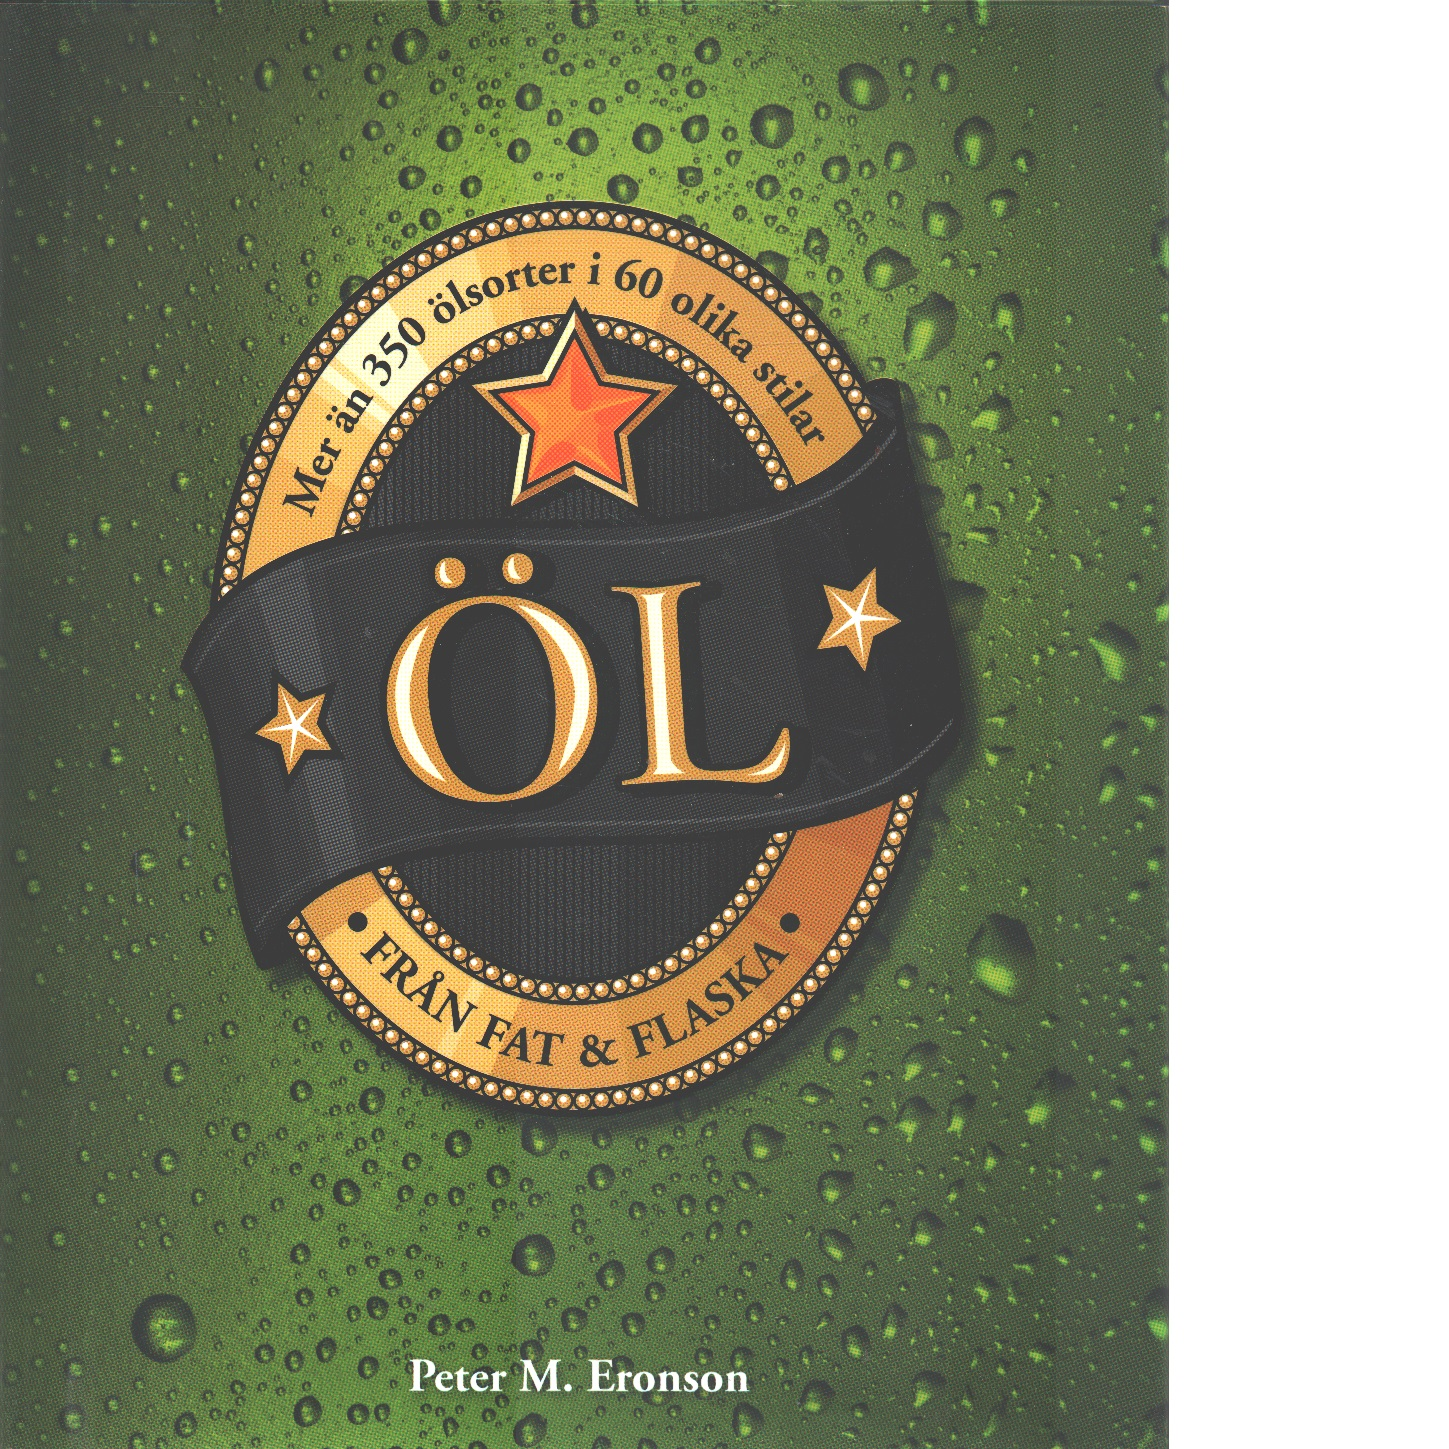 Öl från fat & flaska : mer än 350 sorter i 60 olika stilar - Eronson, Peter M.